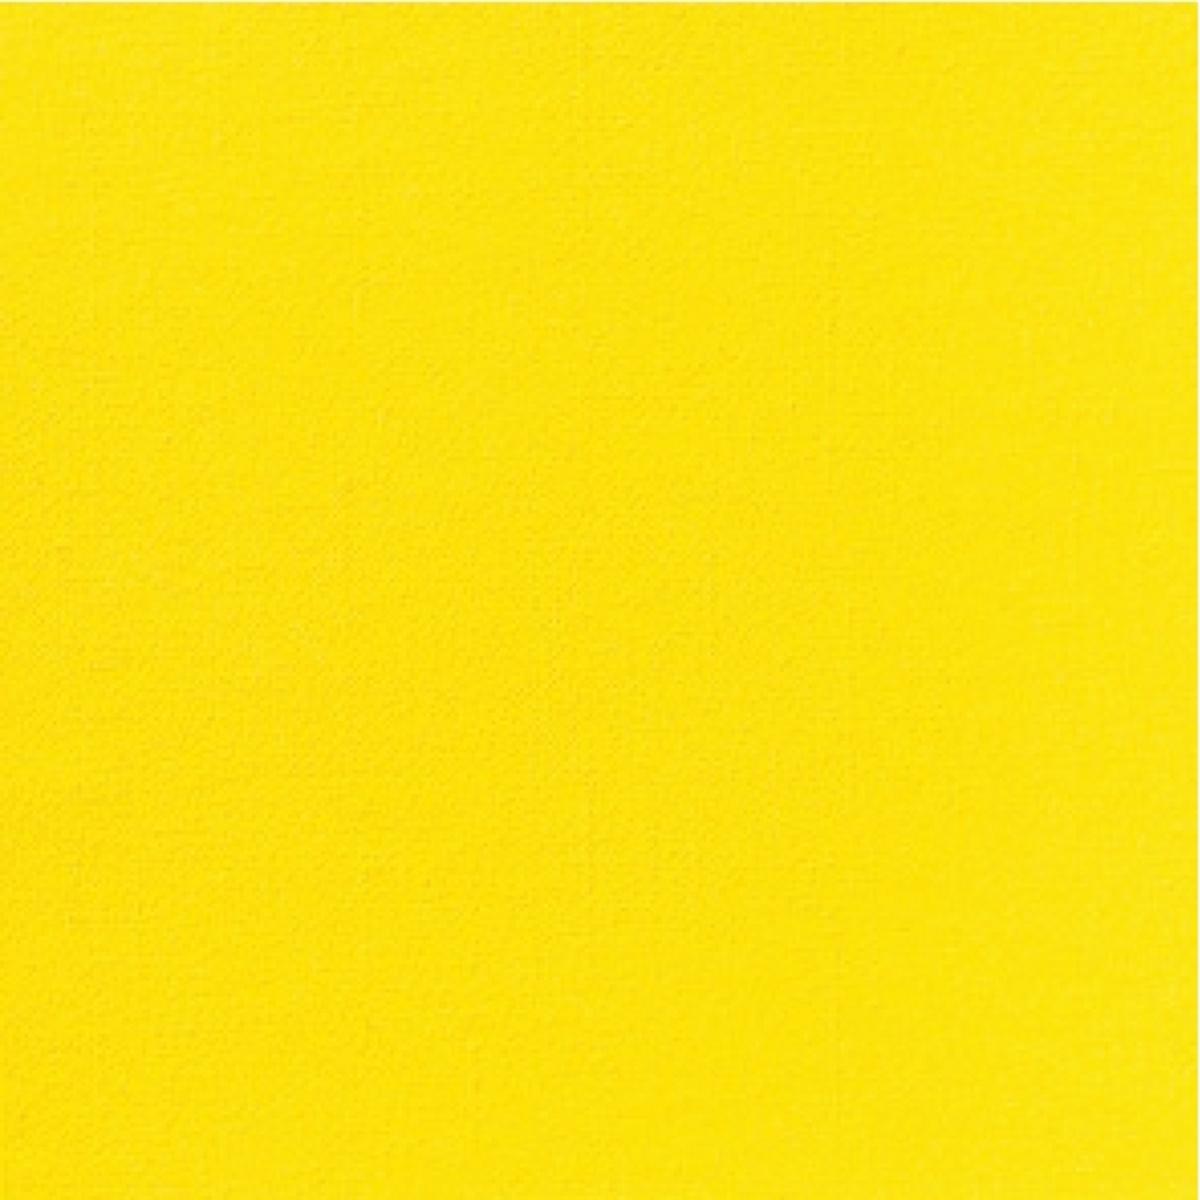 Serviette jaune non tissé 40x40 cm Airlaid Duni (60 pièces)